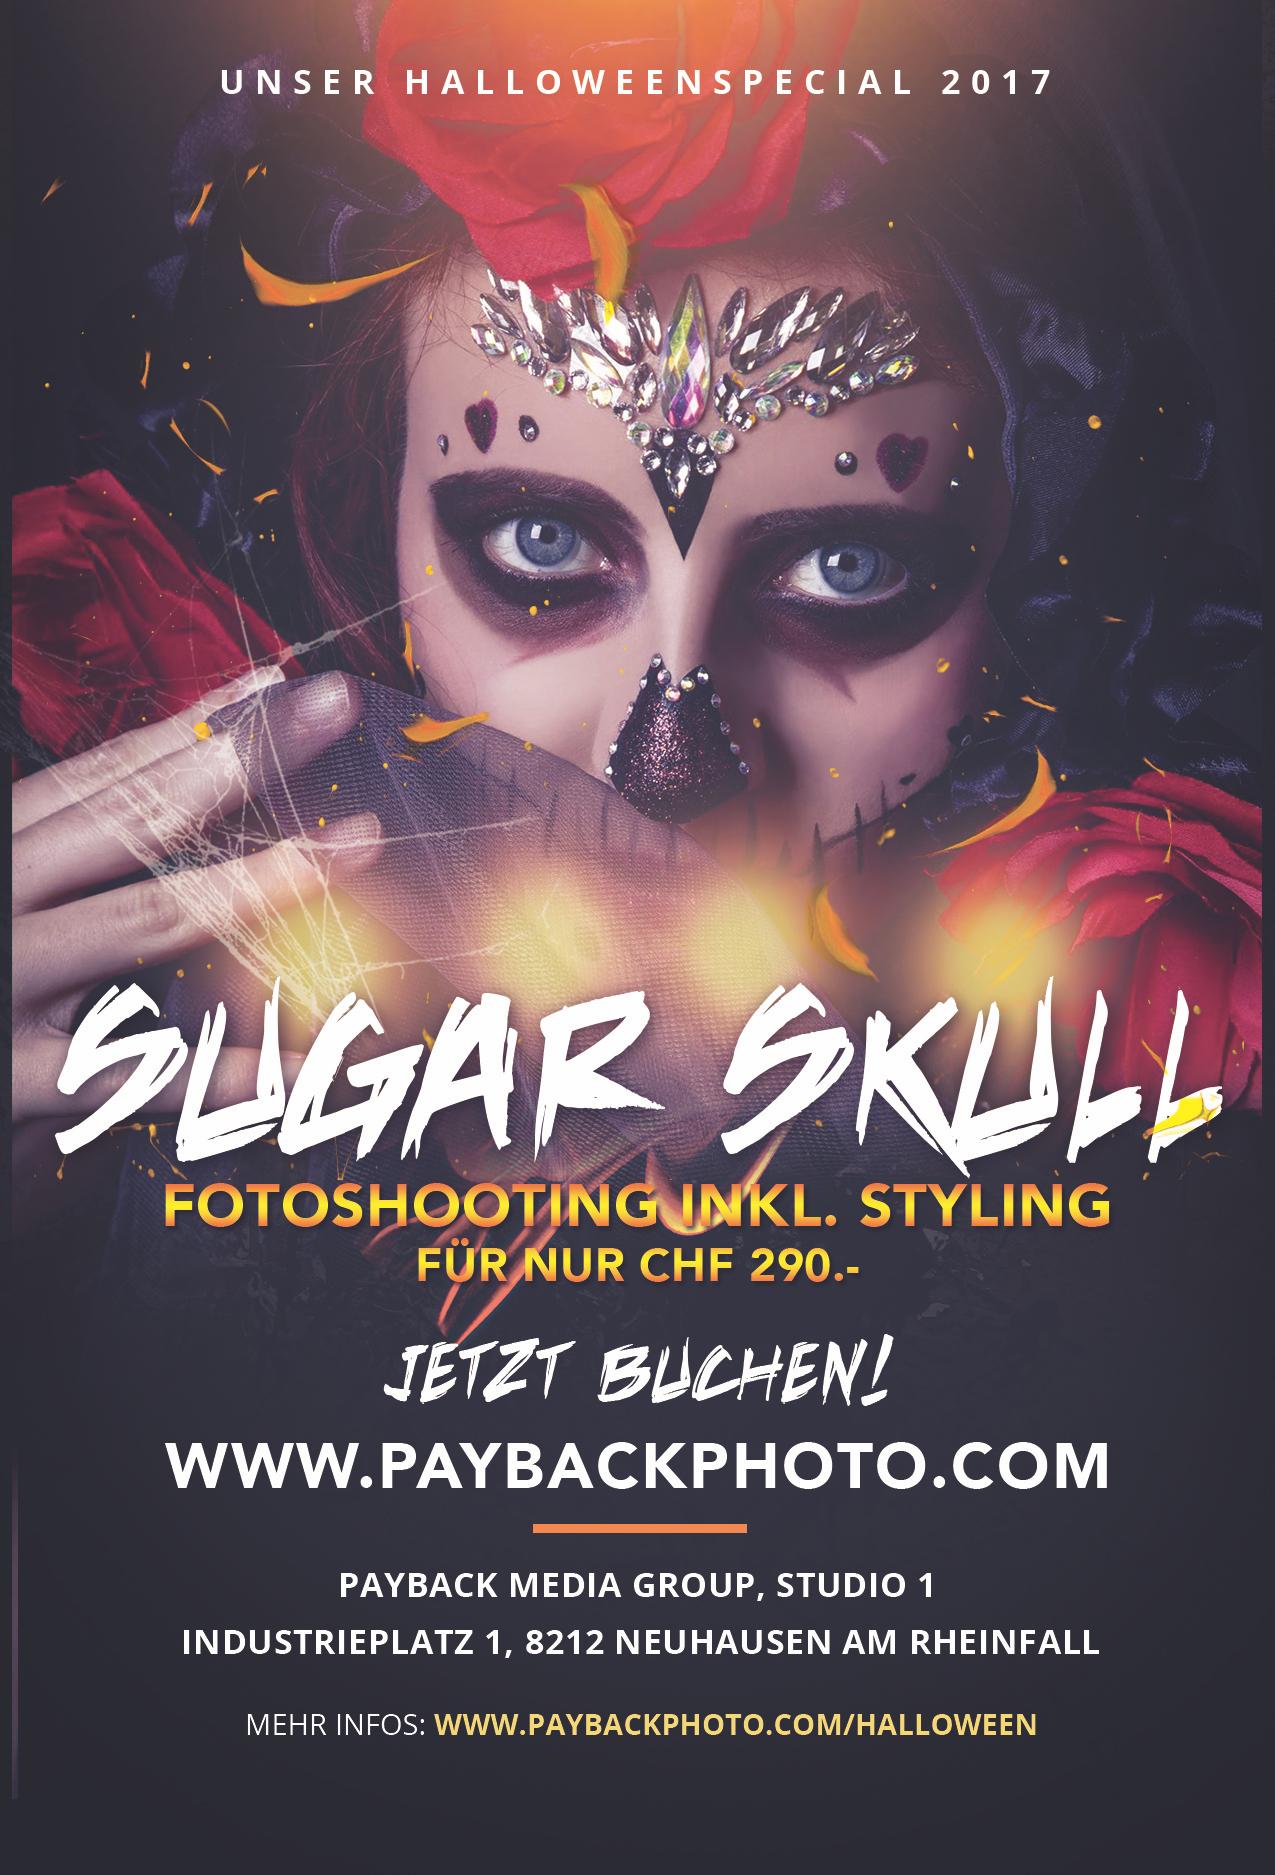 sugarskull-special-flyer-small.jpg